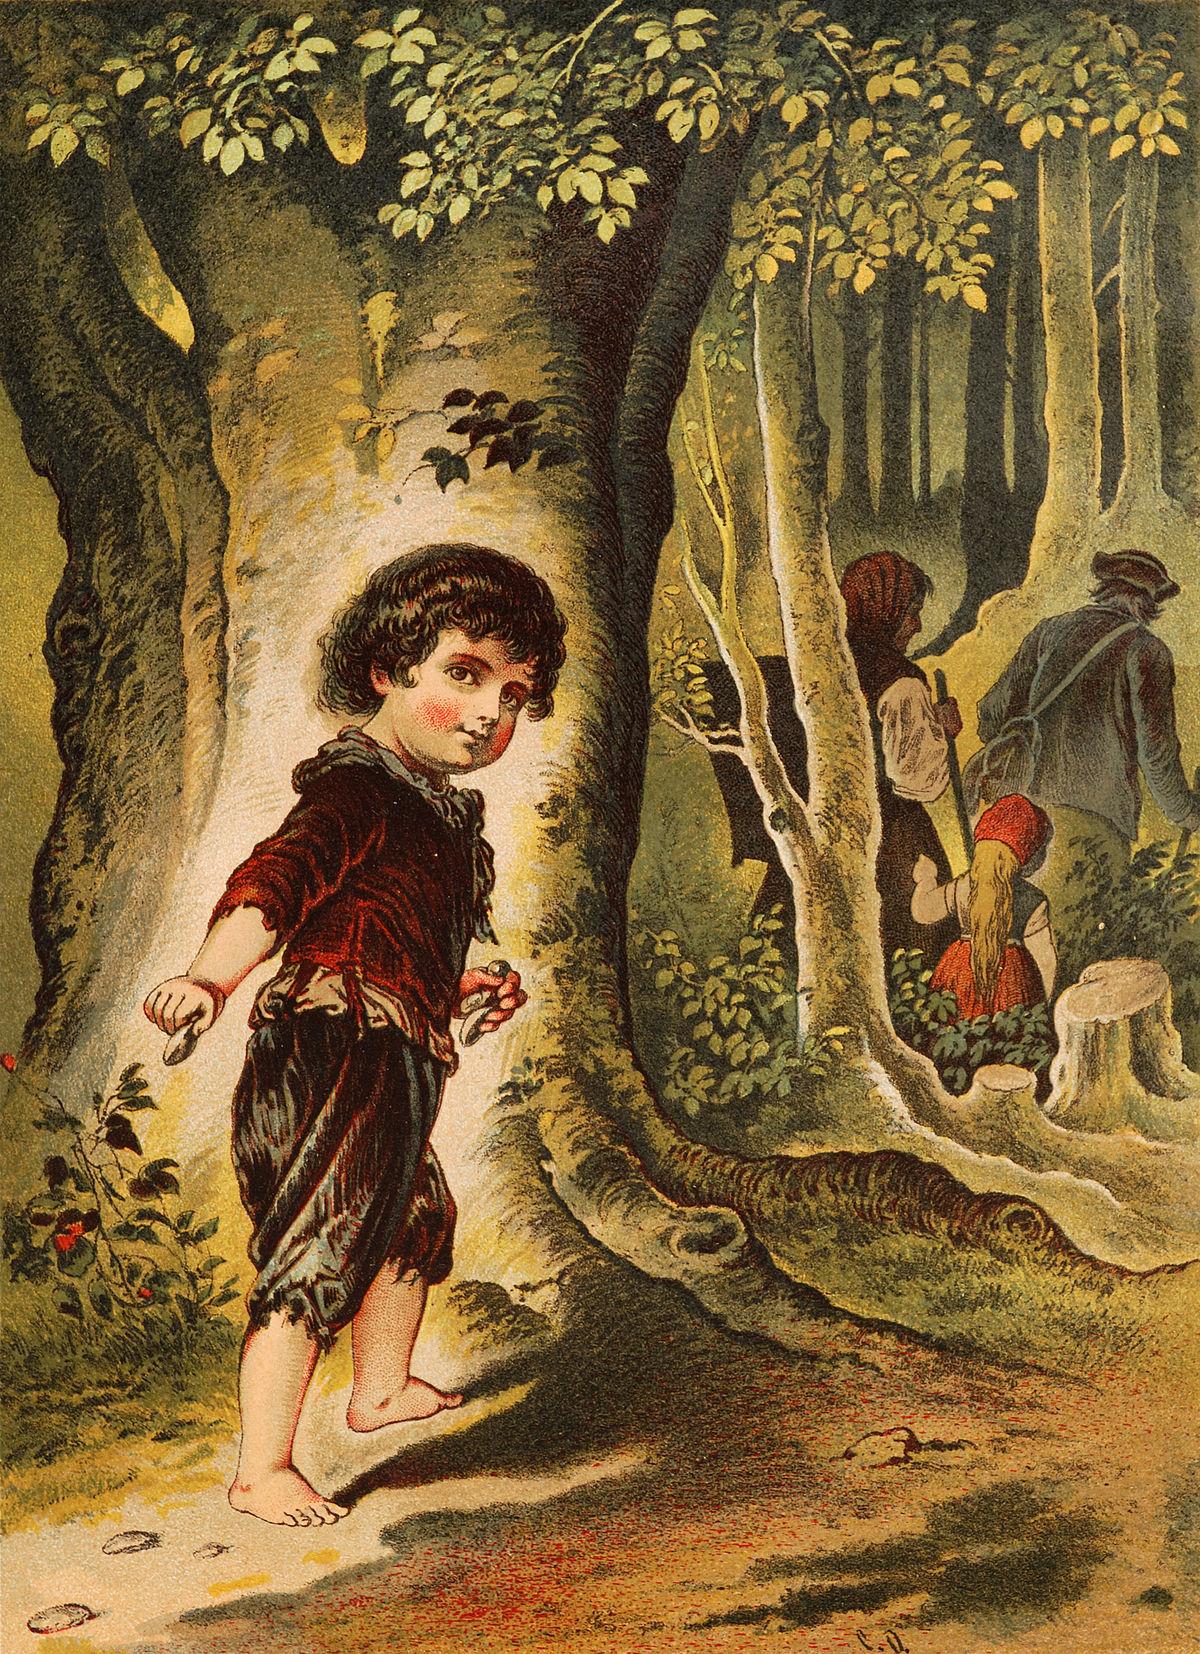 http://upload.wikimedia.org/wikipedia/commons/thumb/1/16/Offterdinger_Hansel_und_Gretel_(1).jpg/1200px-Offterdinger_Hansel_und_Gretel_(1).jpg